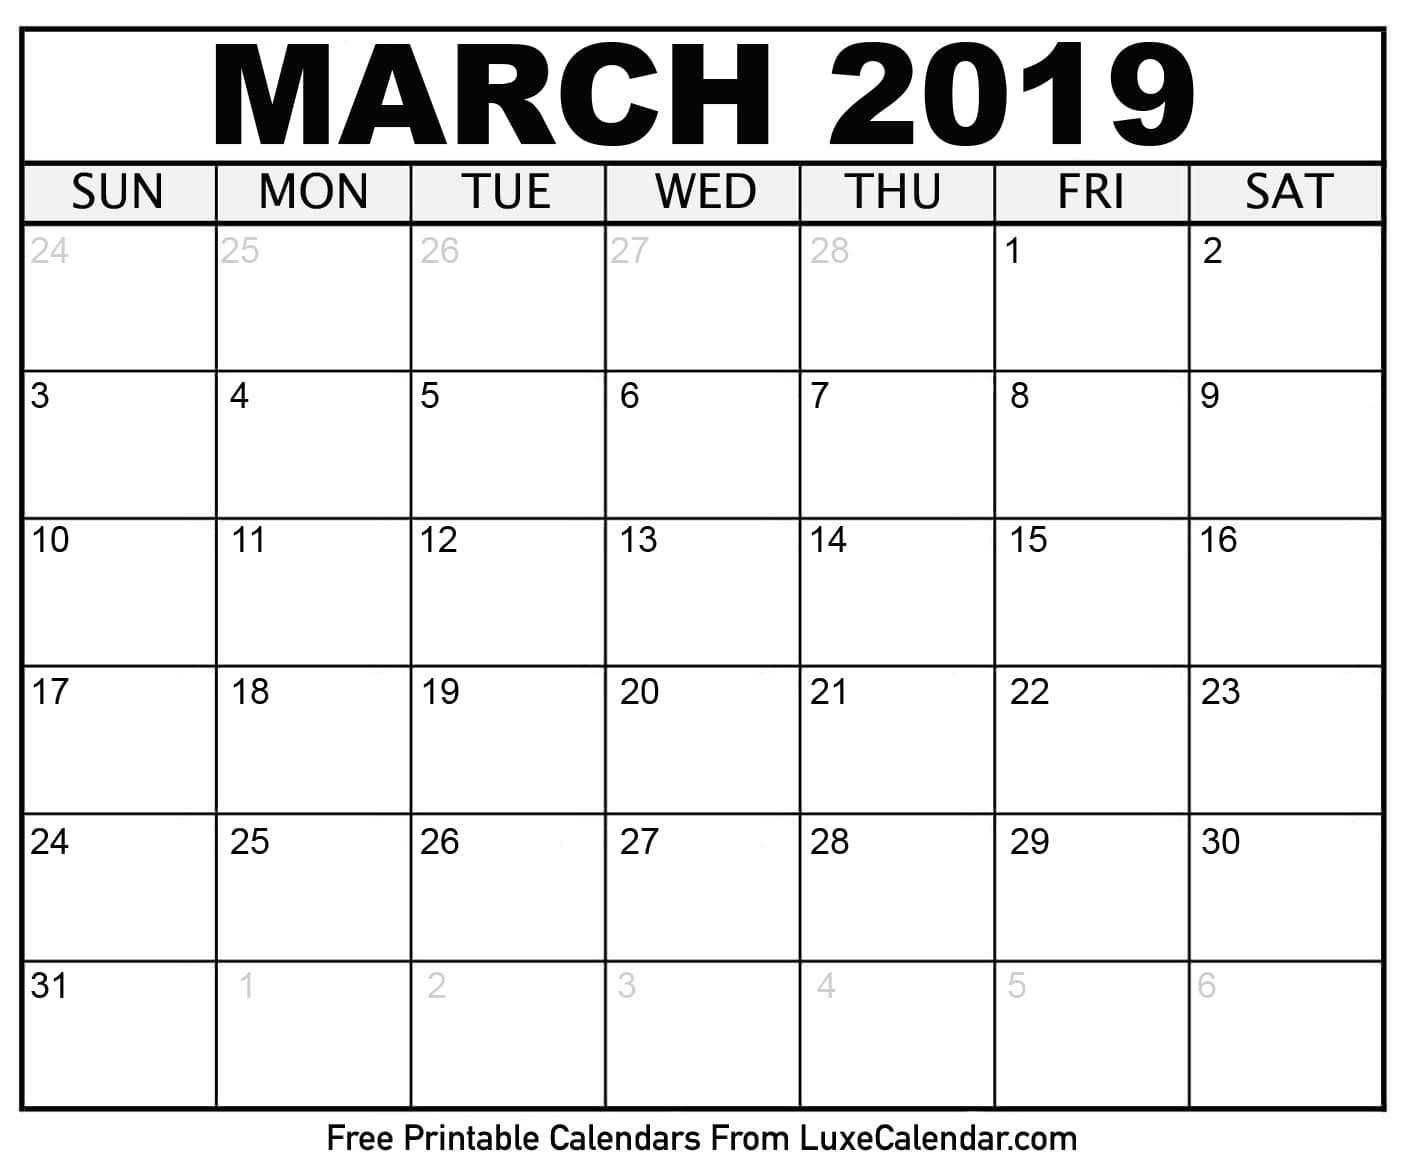 Blank March 2019 Printable Calendar Luxe Calendar